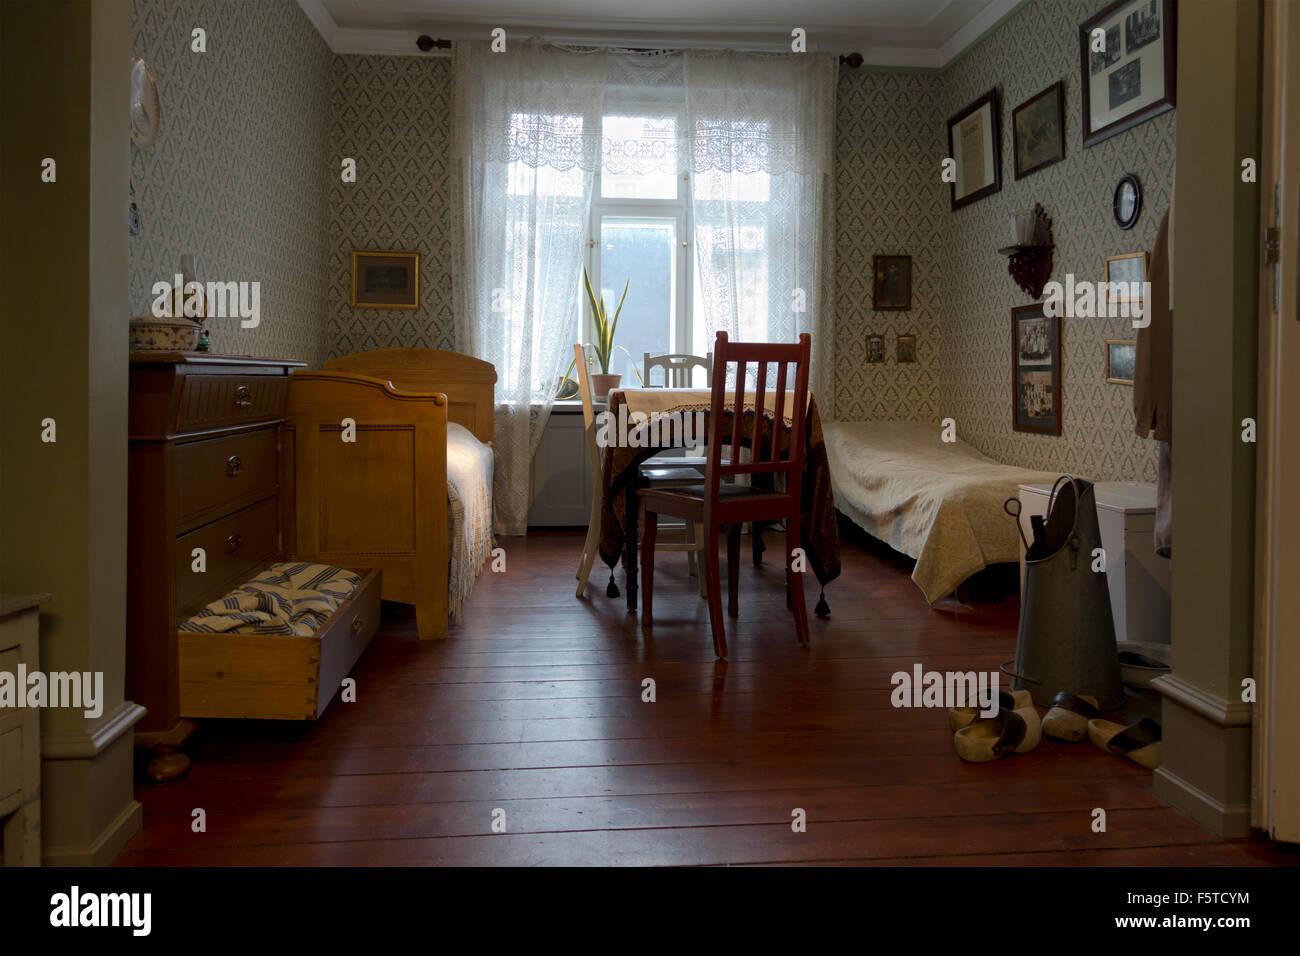 Amazing centro storico composto da camera da letto - Camera da pranzo ...